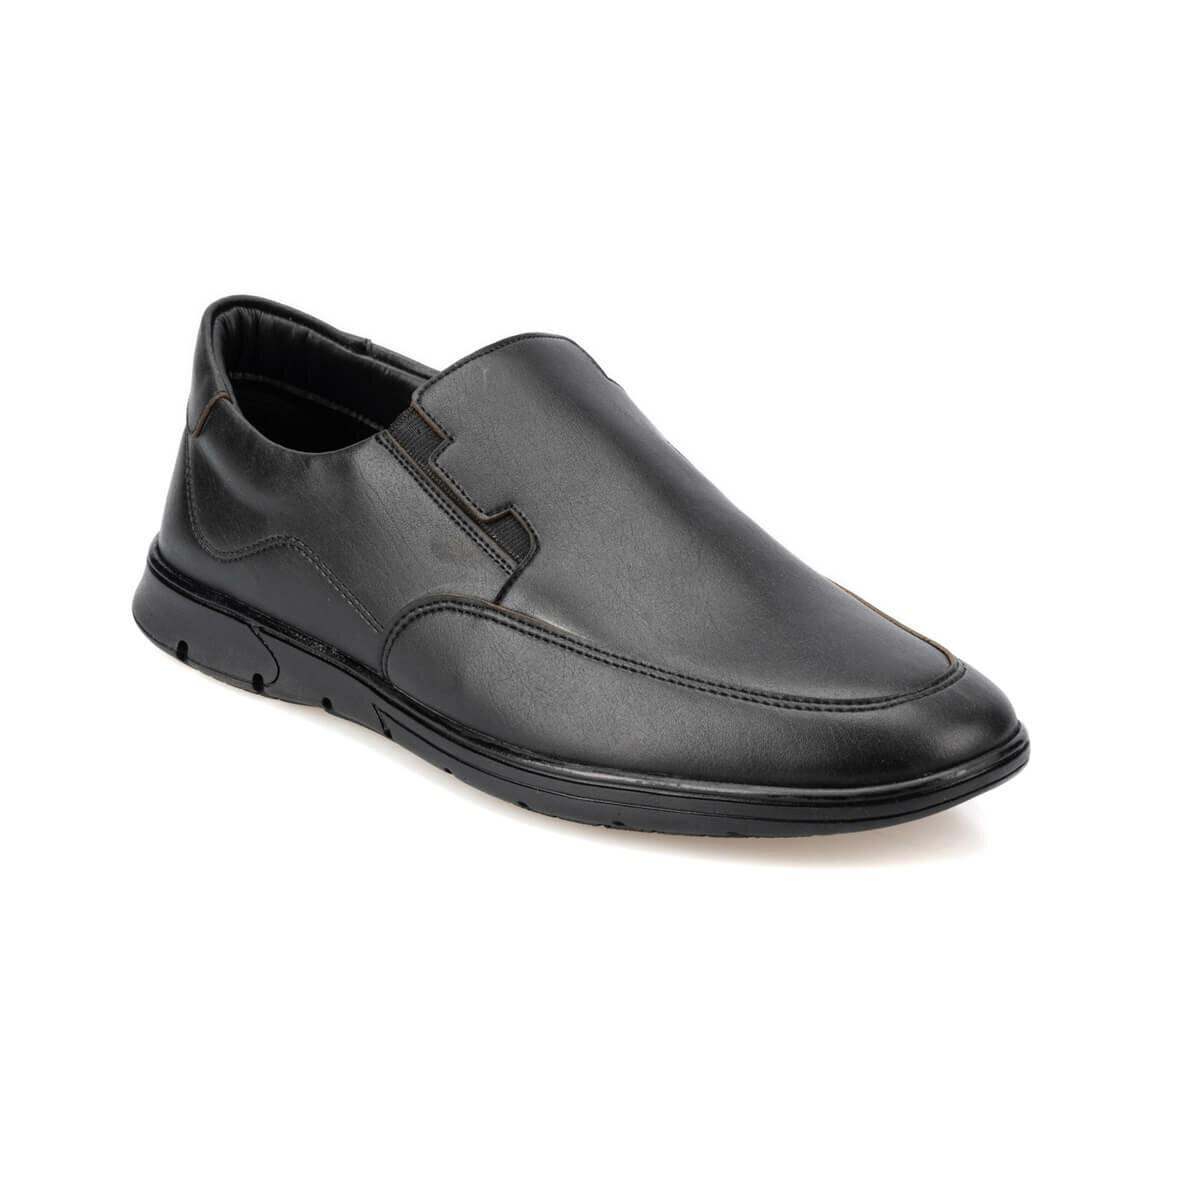 FLO 92.150950.M 黒人男性の靴ポラリス